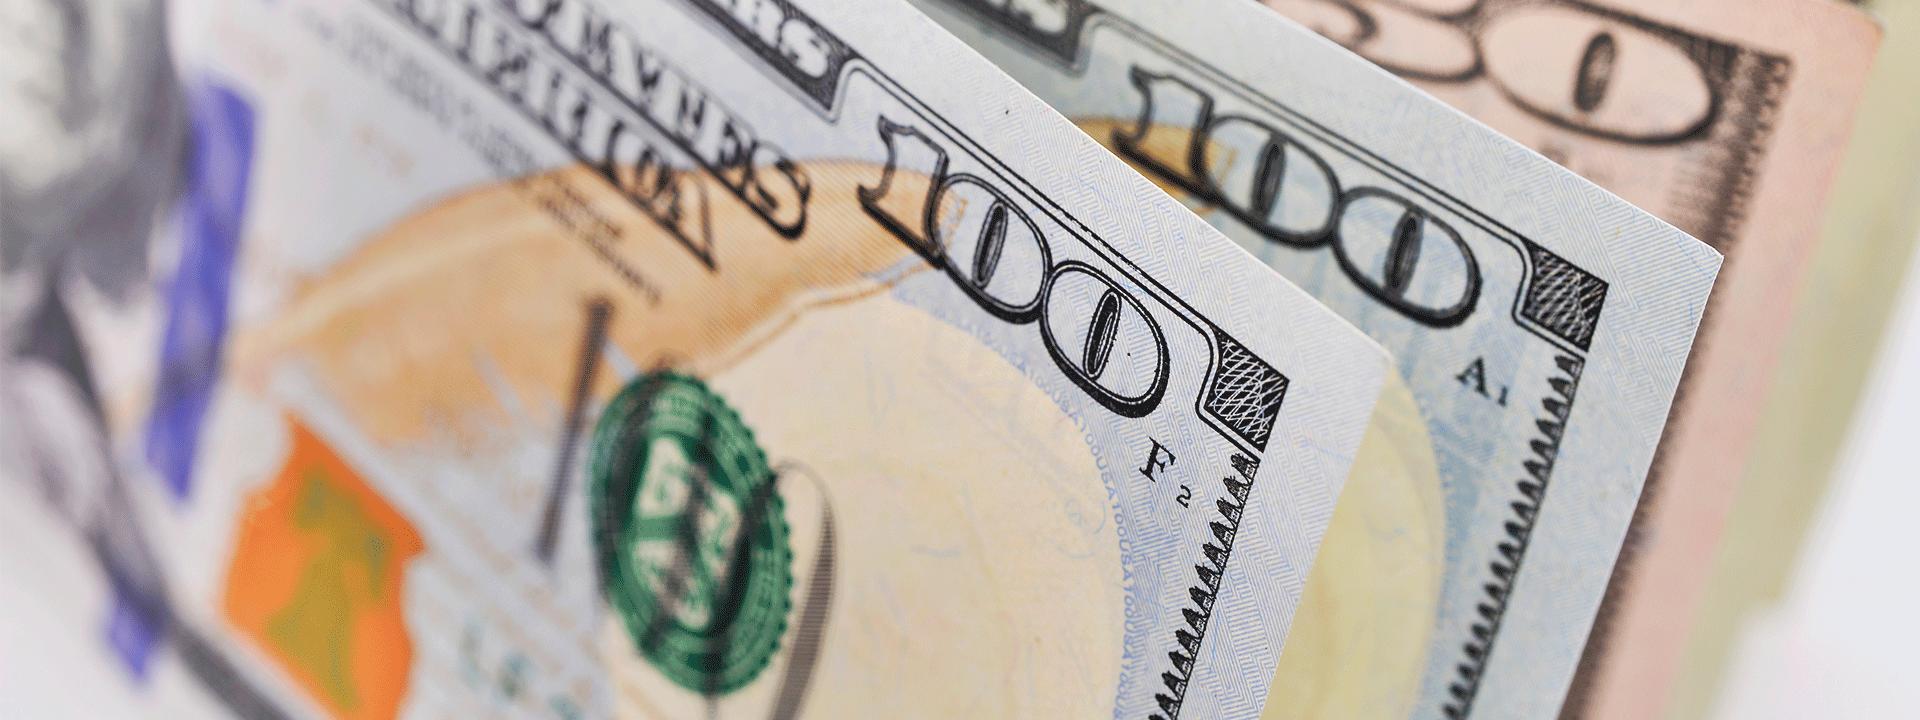 El tipo de cambio real bilateral con Estados Unidos se aprecia en varios países tras las fuertes devaluaciones al inicio de la pandemia